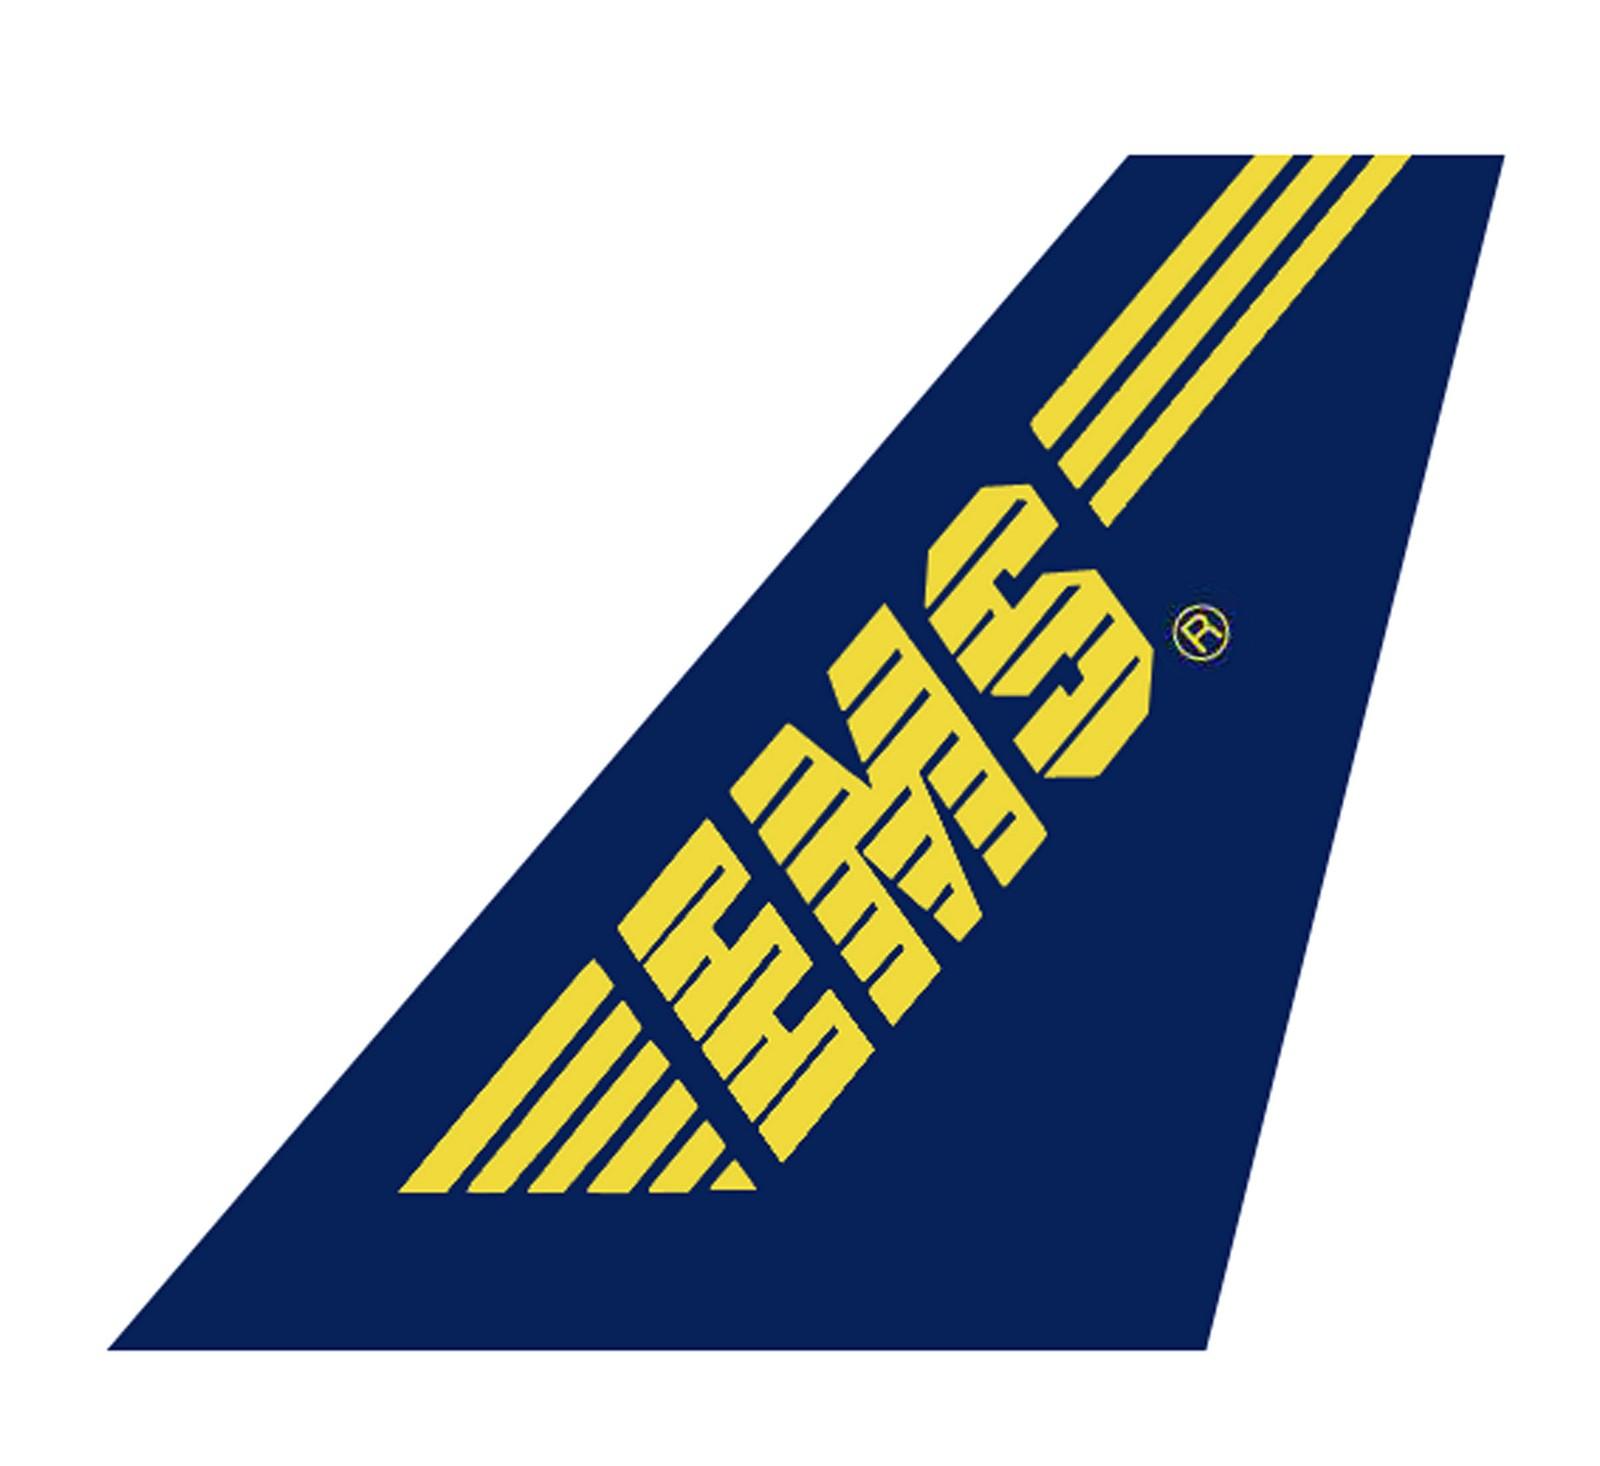 logo 标识 标志 设计 矢量 矢量图 素材 图标 1600_1466